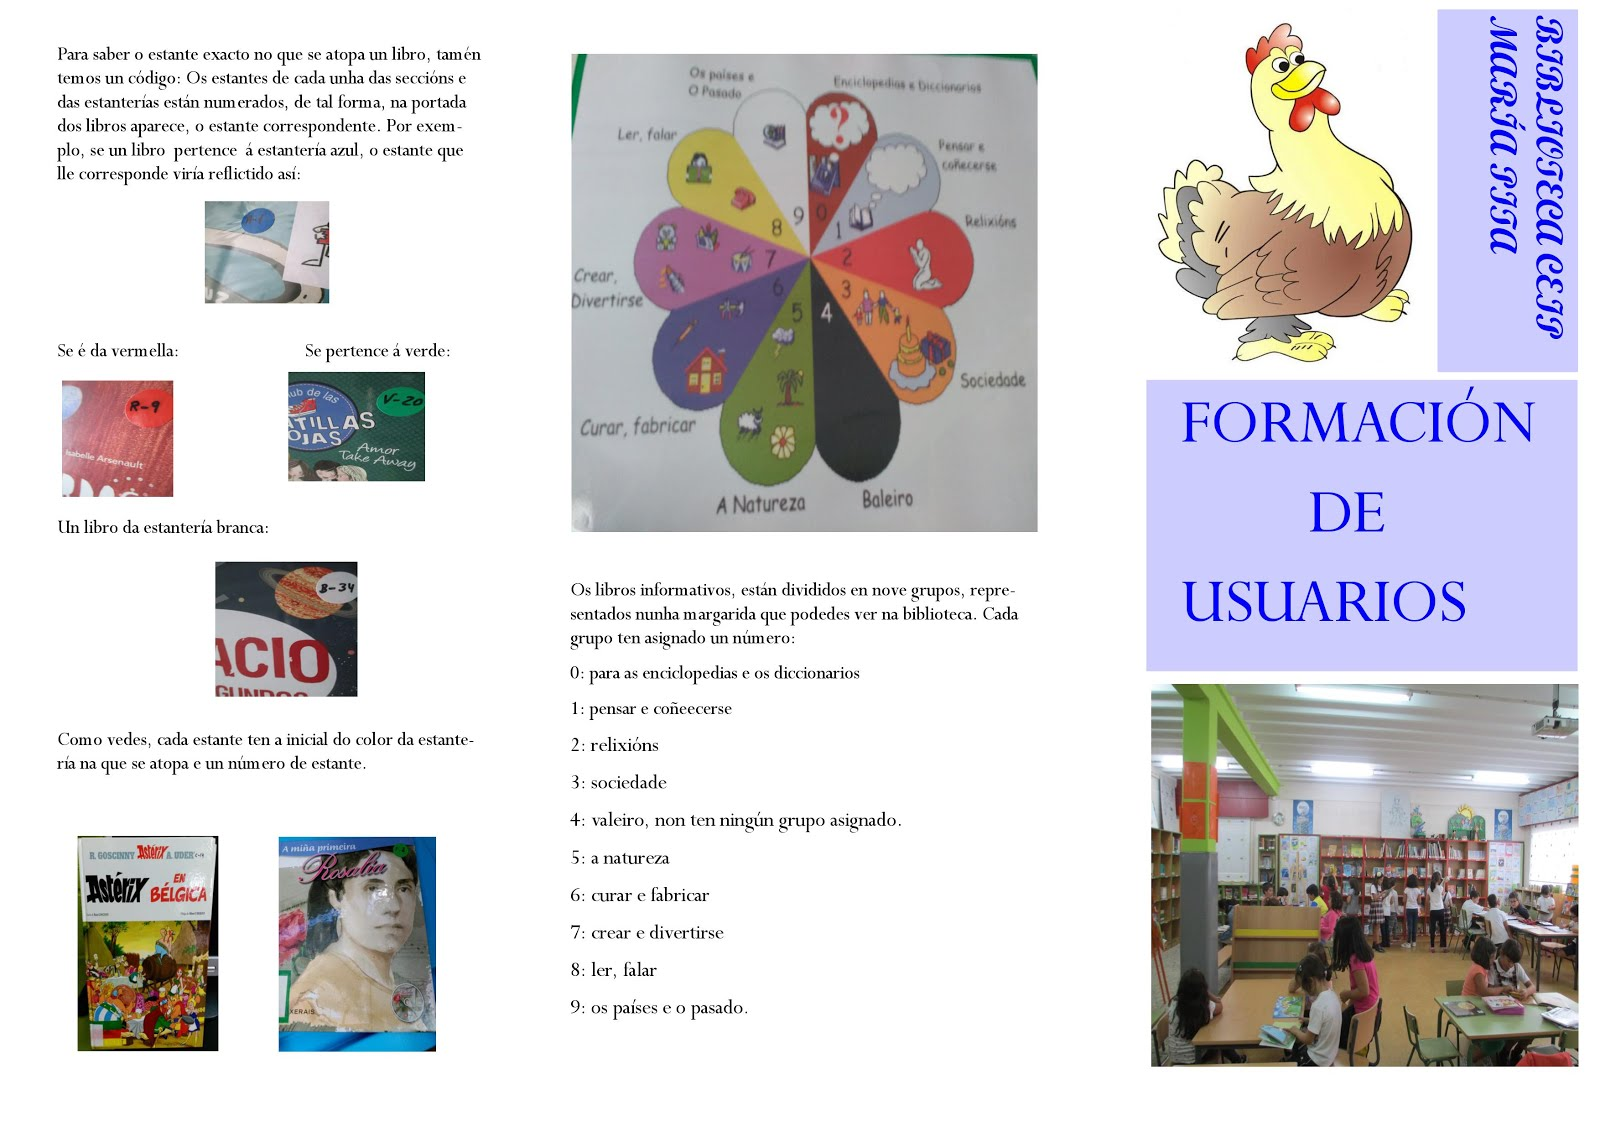 FORMACIÓN DE USUARIOS